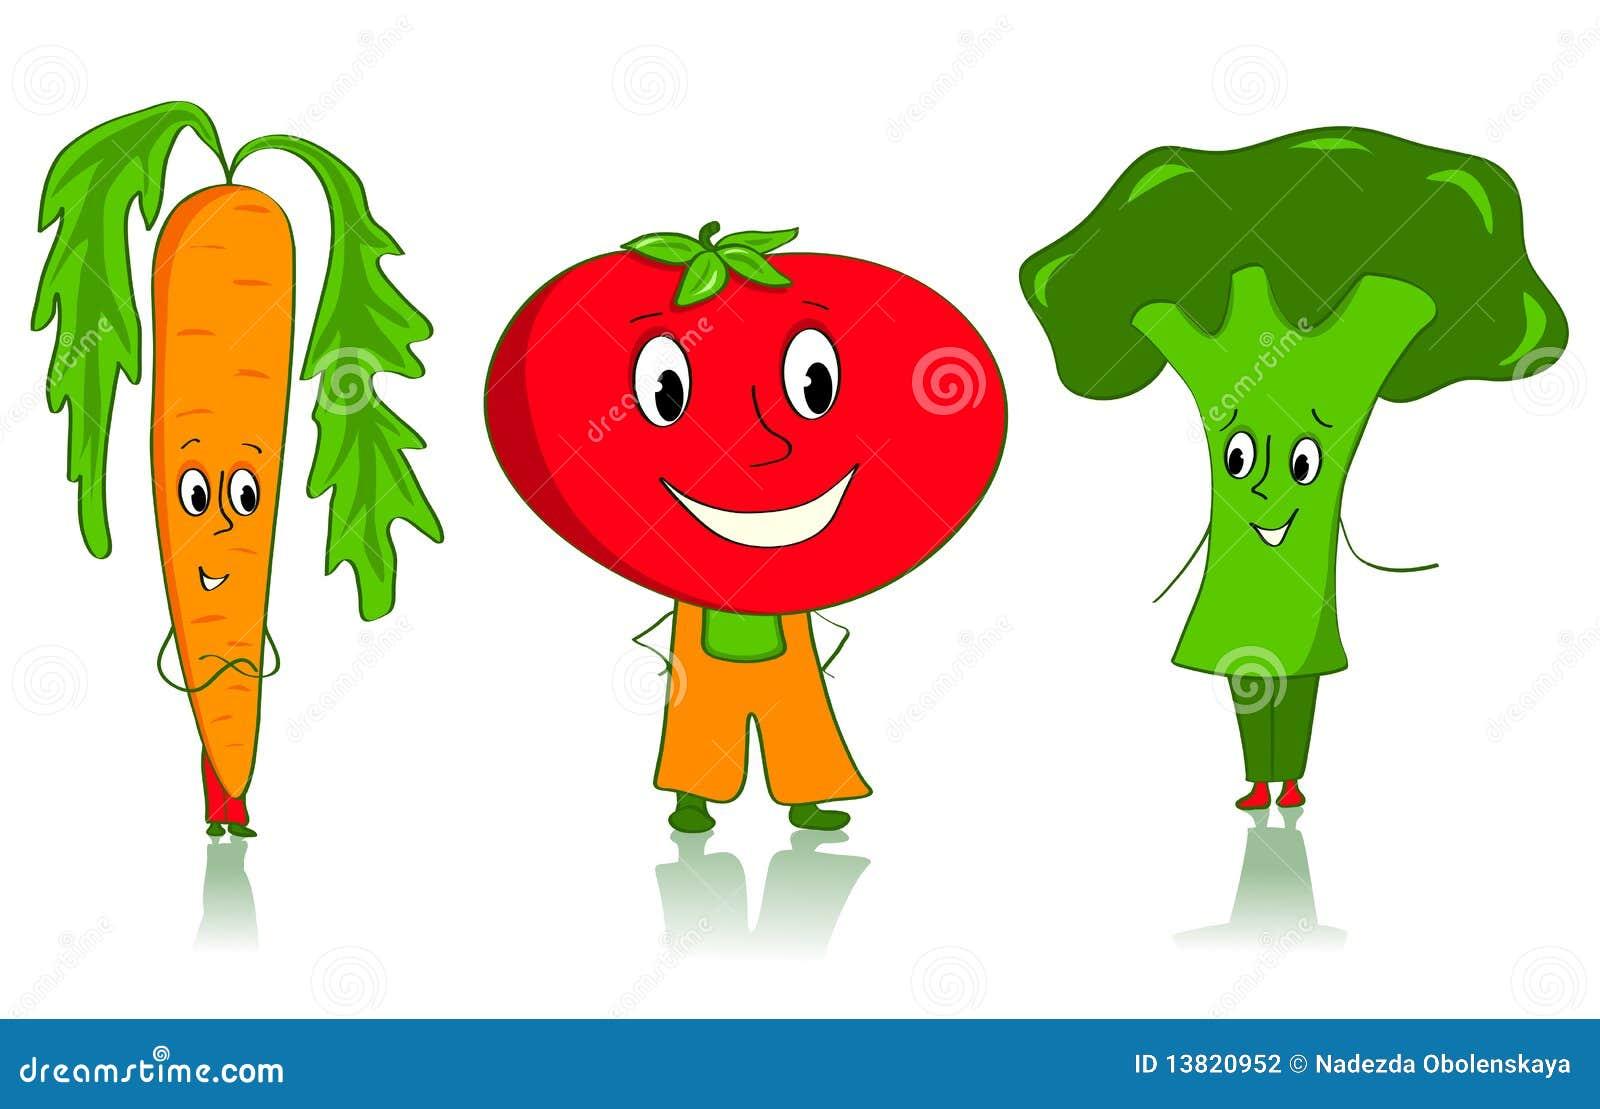 漫画人物蔬菜图片